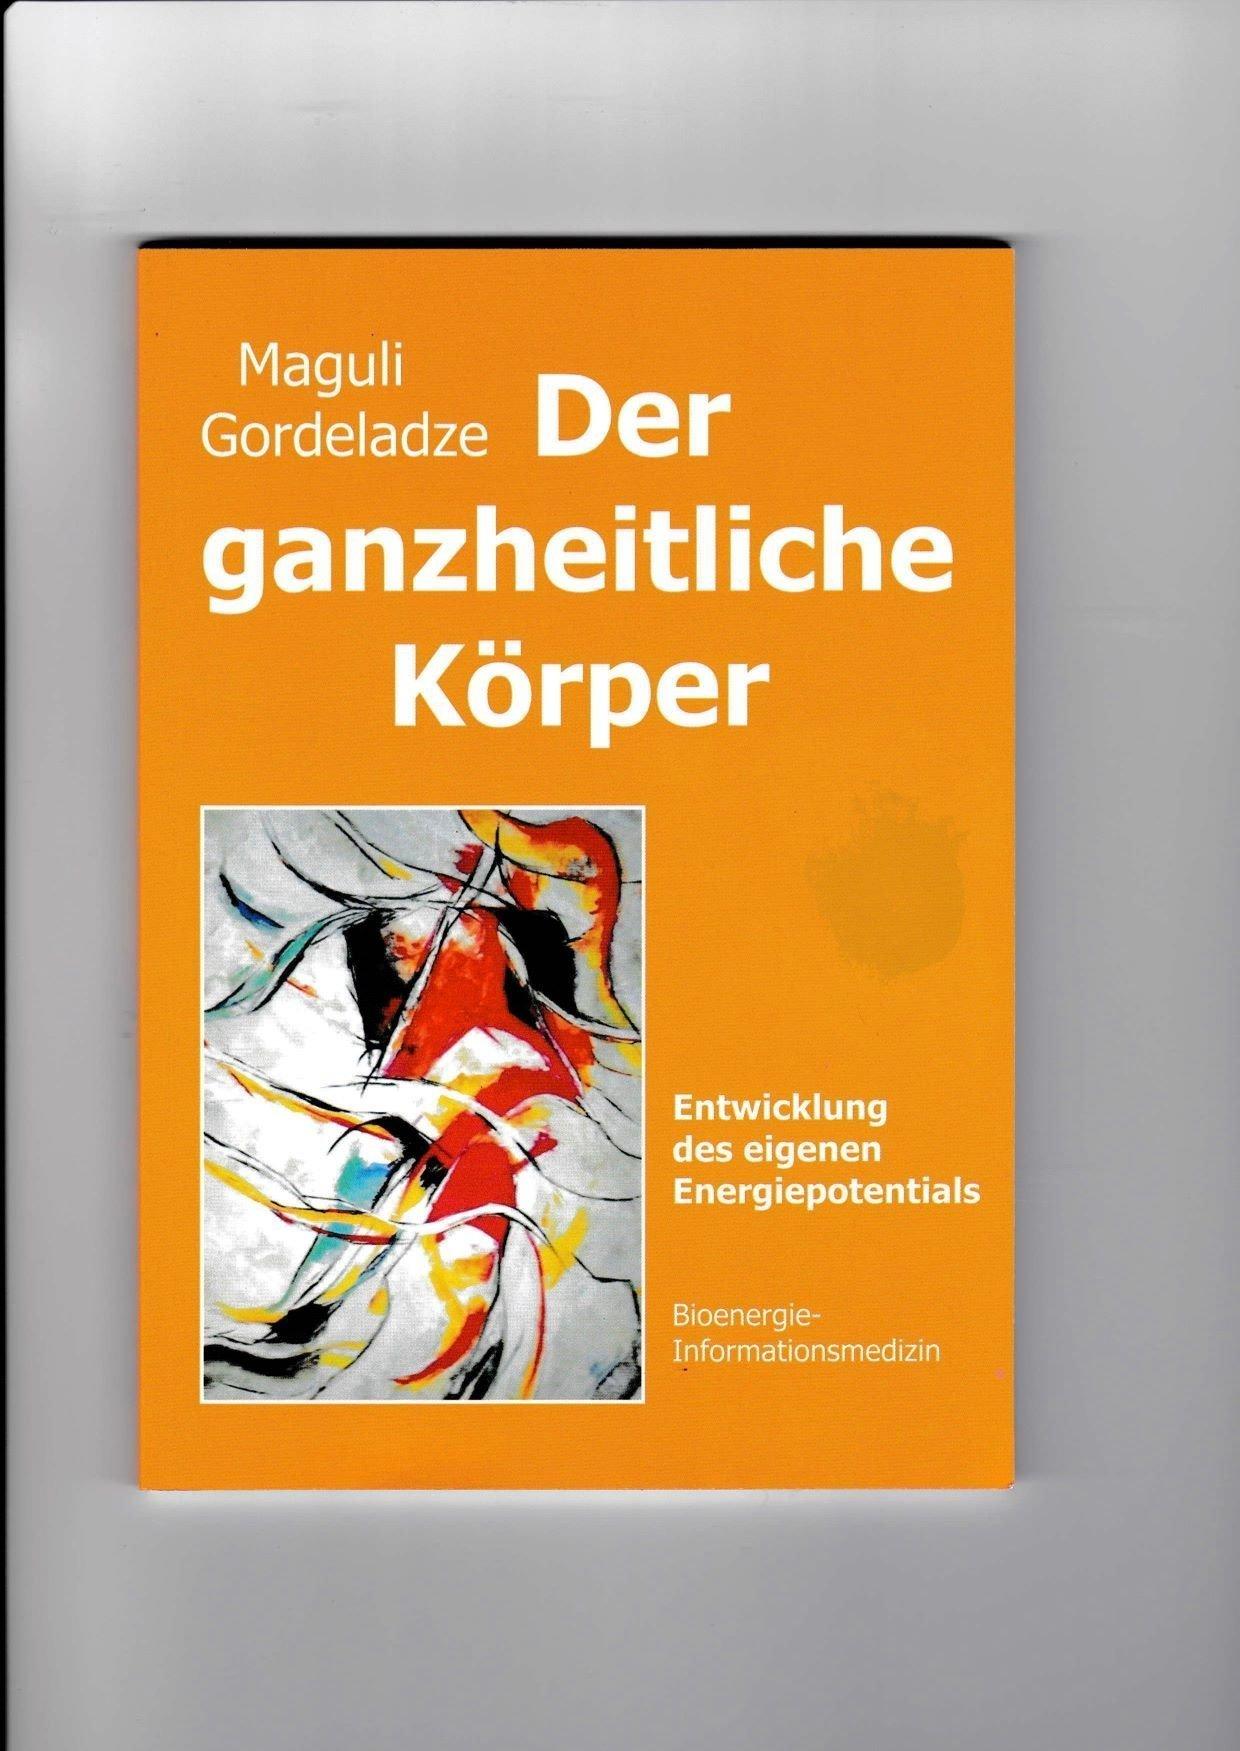 მაგული გორდელაძის გერმანიაში გამოცემული წიგნი